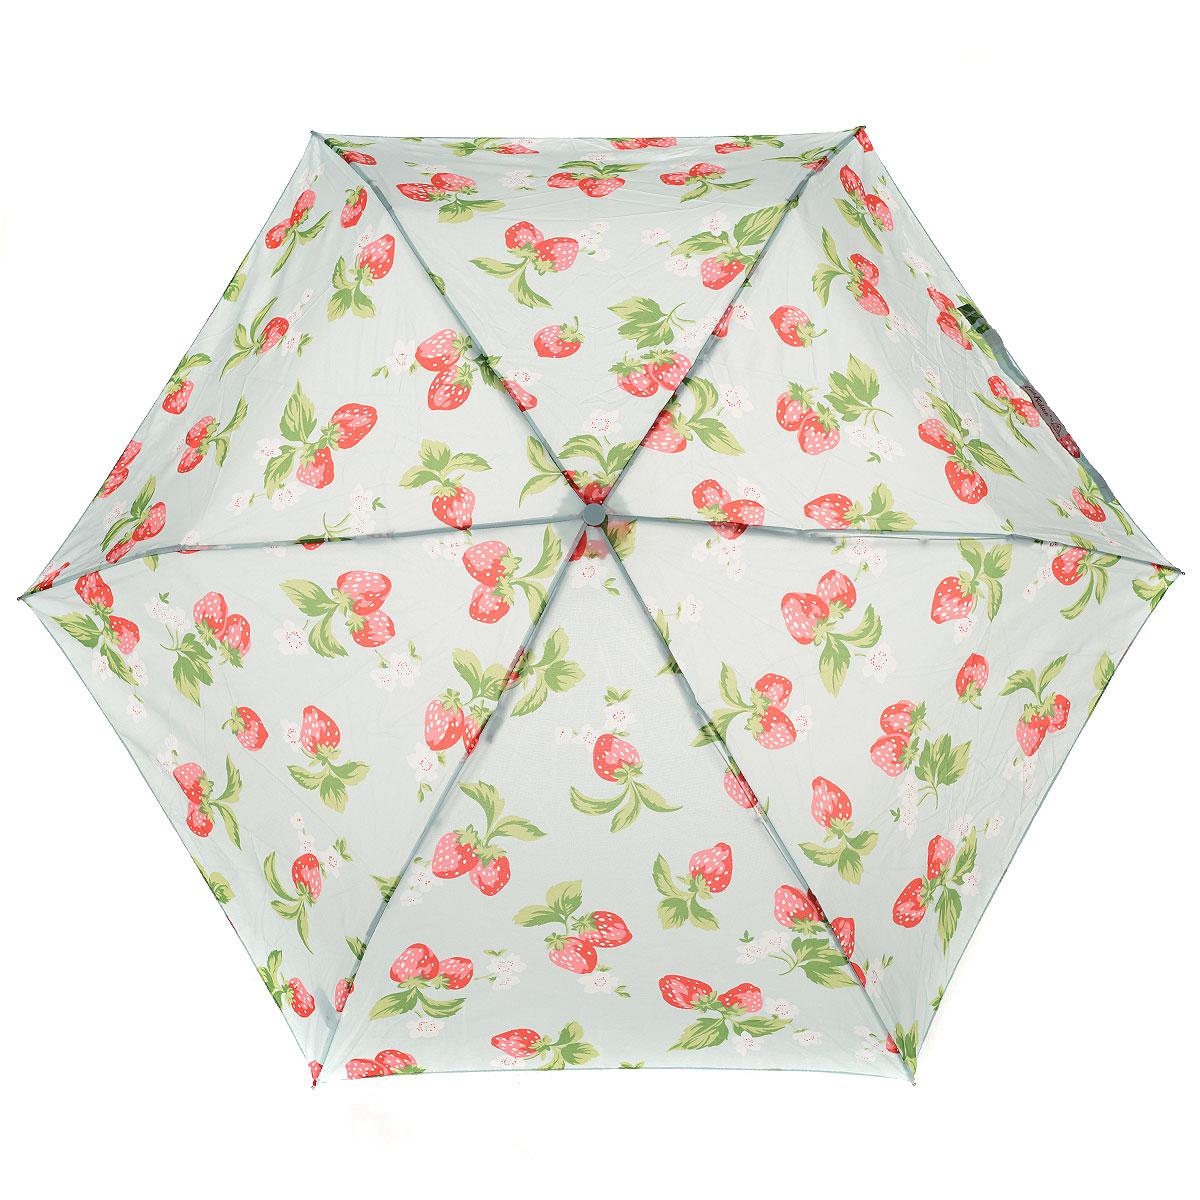 """Зонт женский Fulton Strawberry, механический, 3 сложения, цвет: голубой. L535 3S2540L535 3S2540Стильный компактный зонт Fulton """"Strawberry"""" даже в ненастную погоду позволит вам оставаться женственной и элегантной. """"Ветростойкий"""" каркас зонта выполнен из алюминияи состоит из шести спиц с элементами из фибергласса, зонт оснащен удобной рукояткой из прорезиненного пластика. Купол зонта выполнен из прочного полиэстера и оформлен изображением ягод клубники. На рукоятке для удобства есть небольшой шнурок-резинка, позволяющий надеть зонт на руку тогда, когда это будет необходимо. К зонту прилагается чехол на липучке. Зонт механического сложения: купол открывается и закрывается вручную до характерного щелчка."""